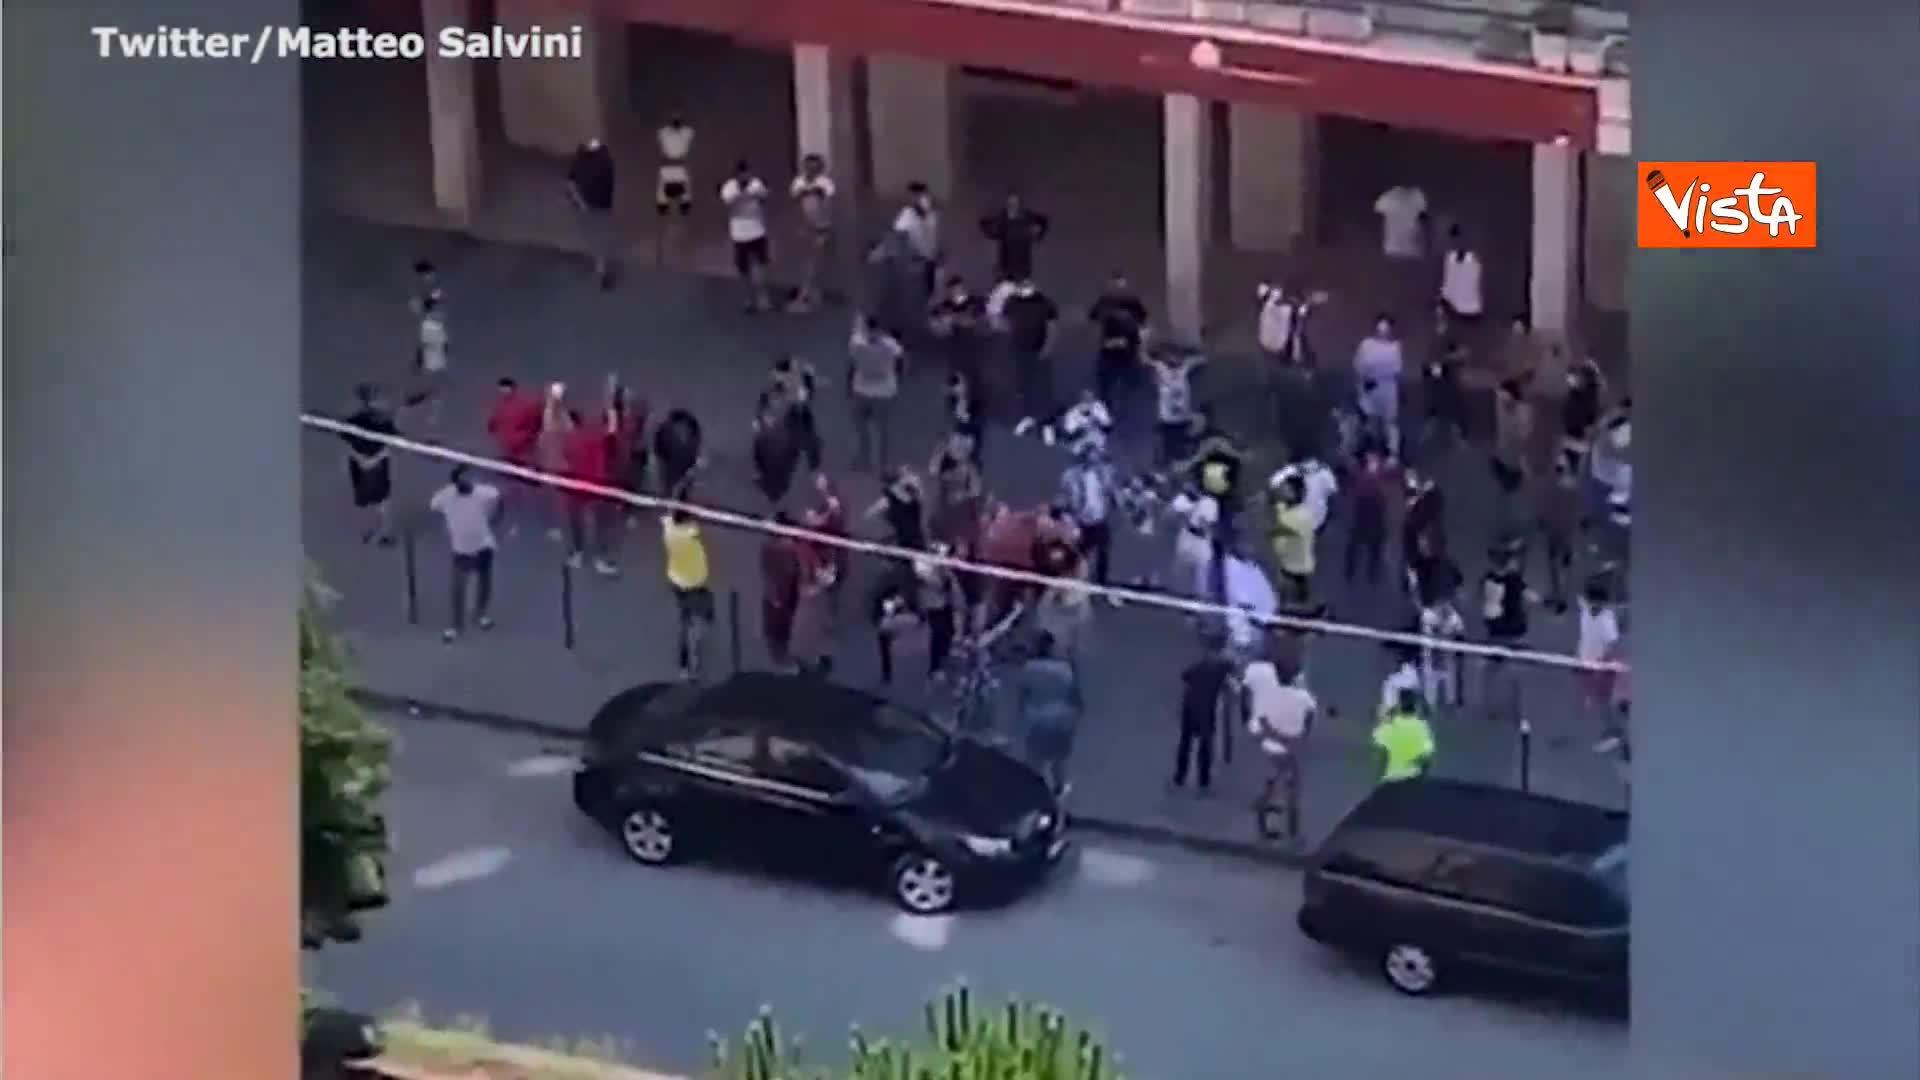 Mondragone, proteste e tensioni nella zona rossa, esercito in strada